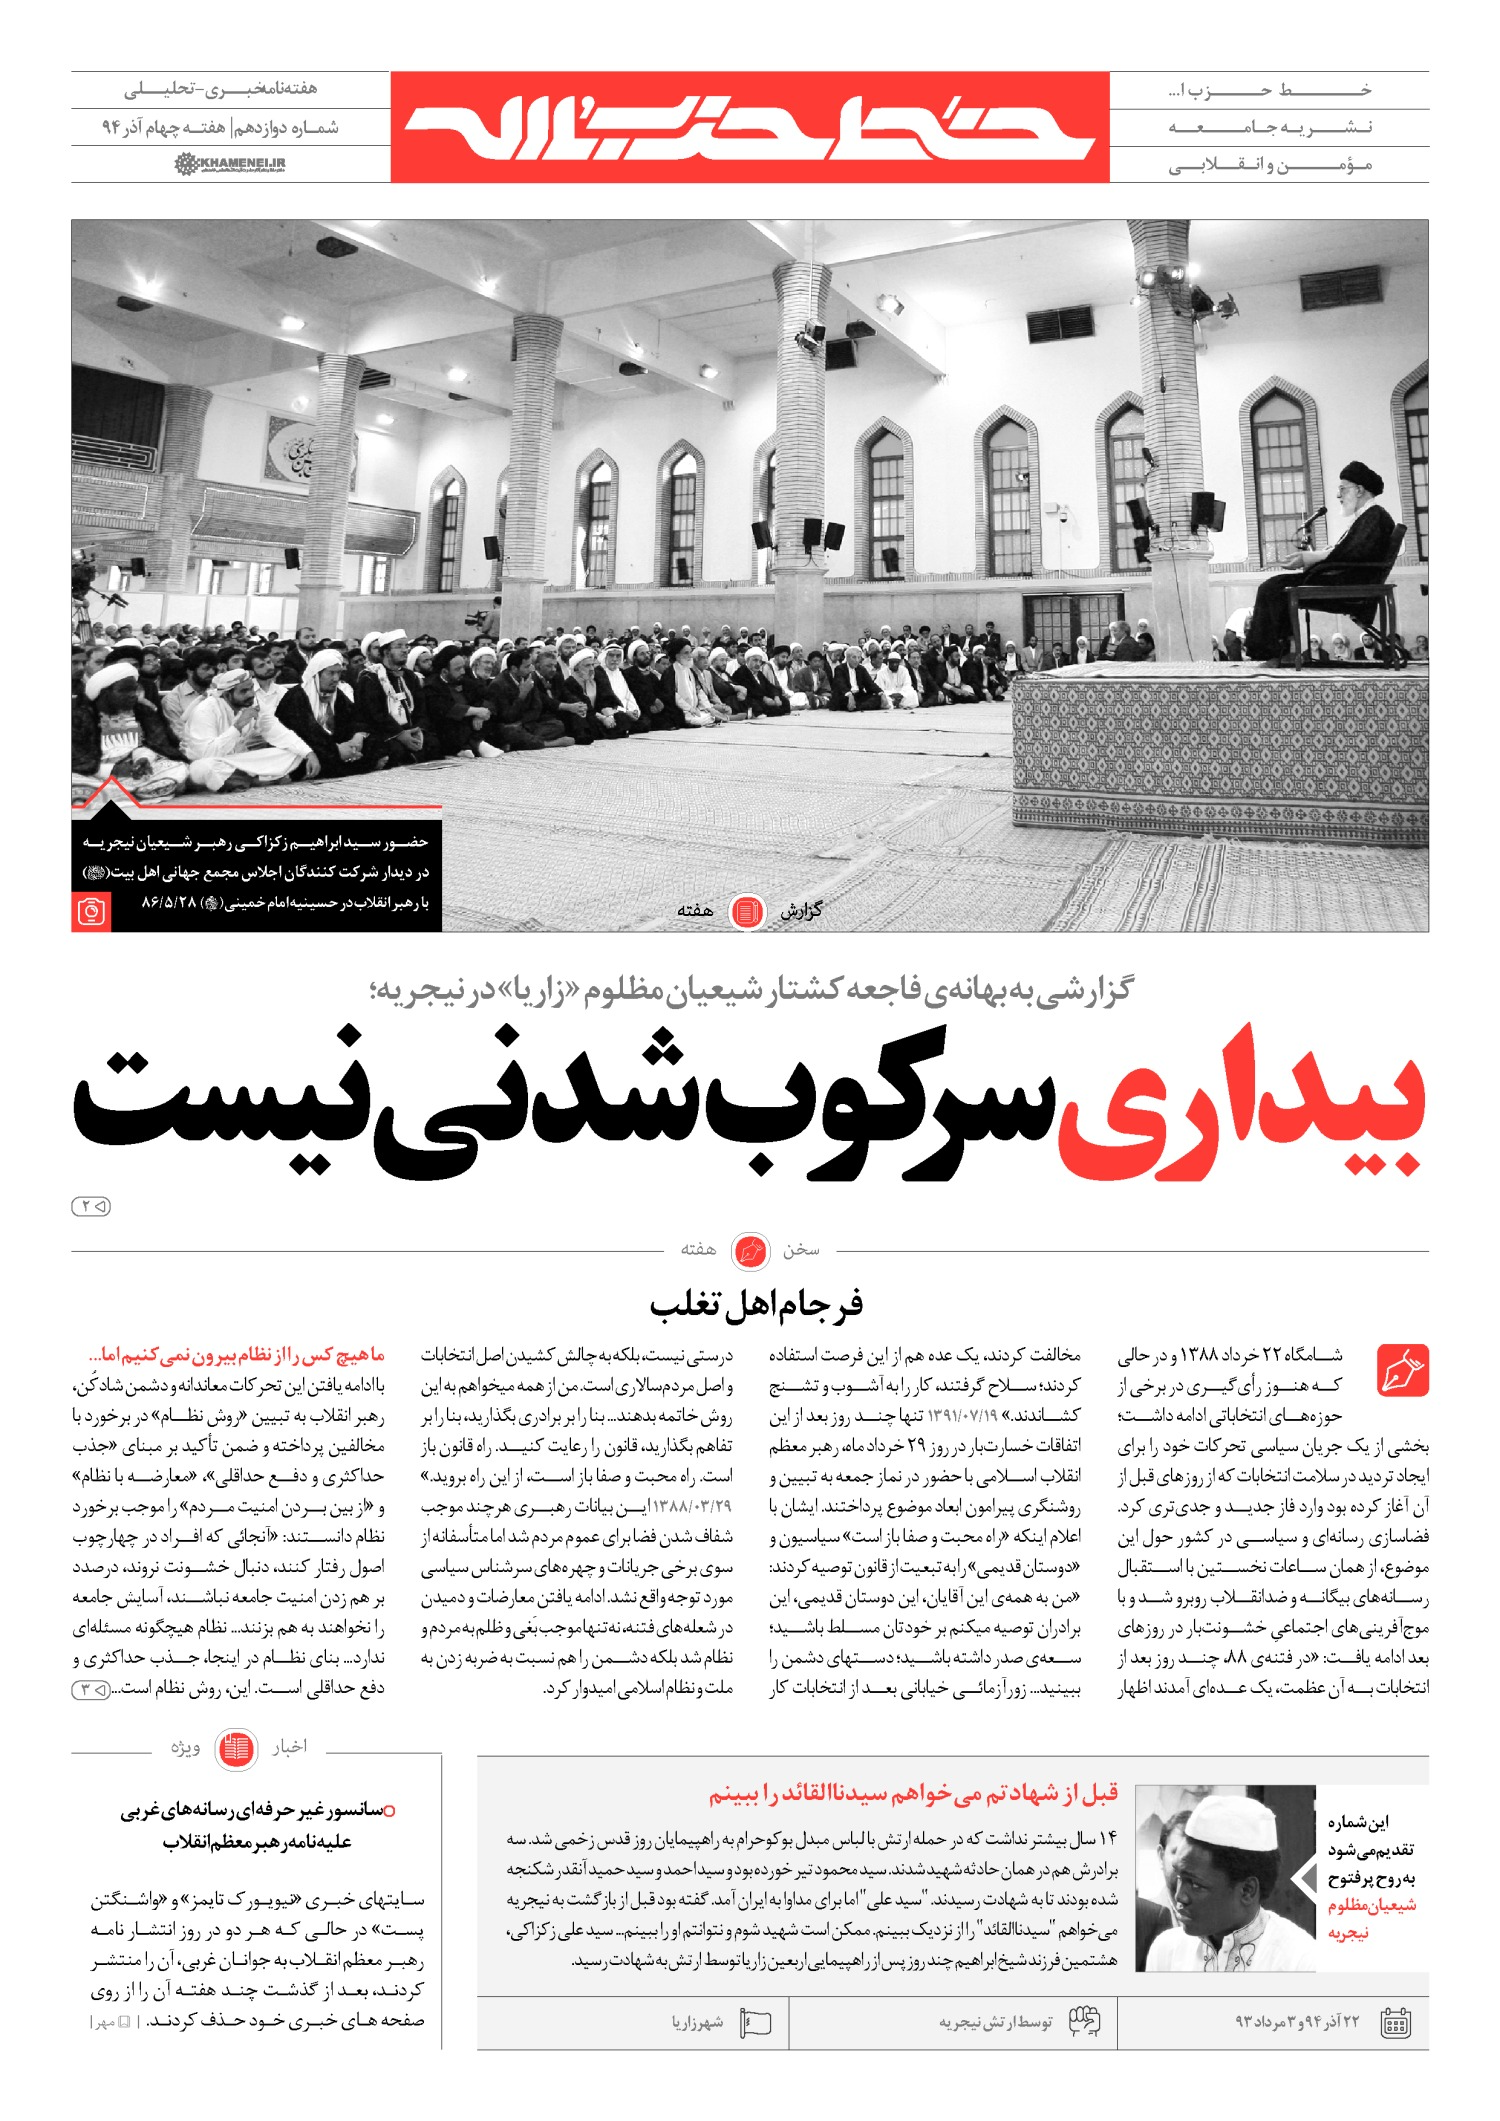 خط حزب الله -شماره دوازدهم خط حزب الله -شماره پنجم خط حزب الله -شماره دوازدهم page large 11 2